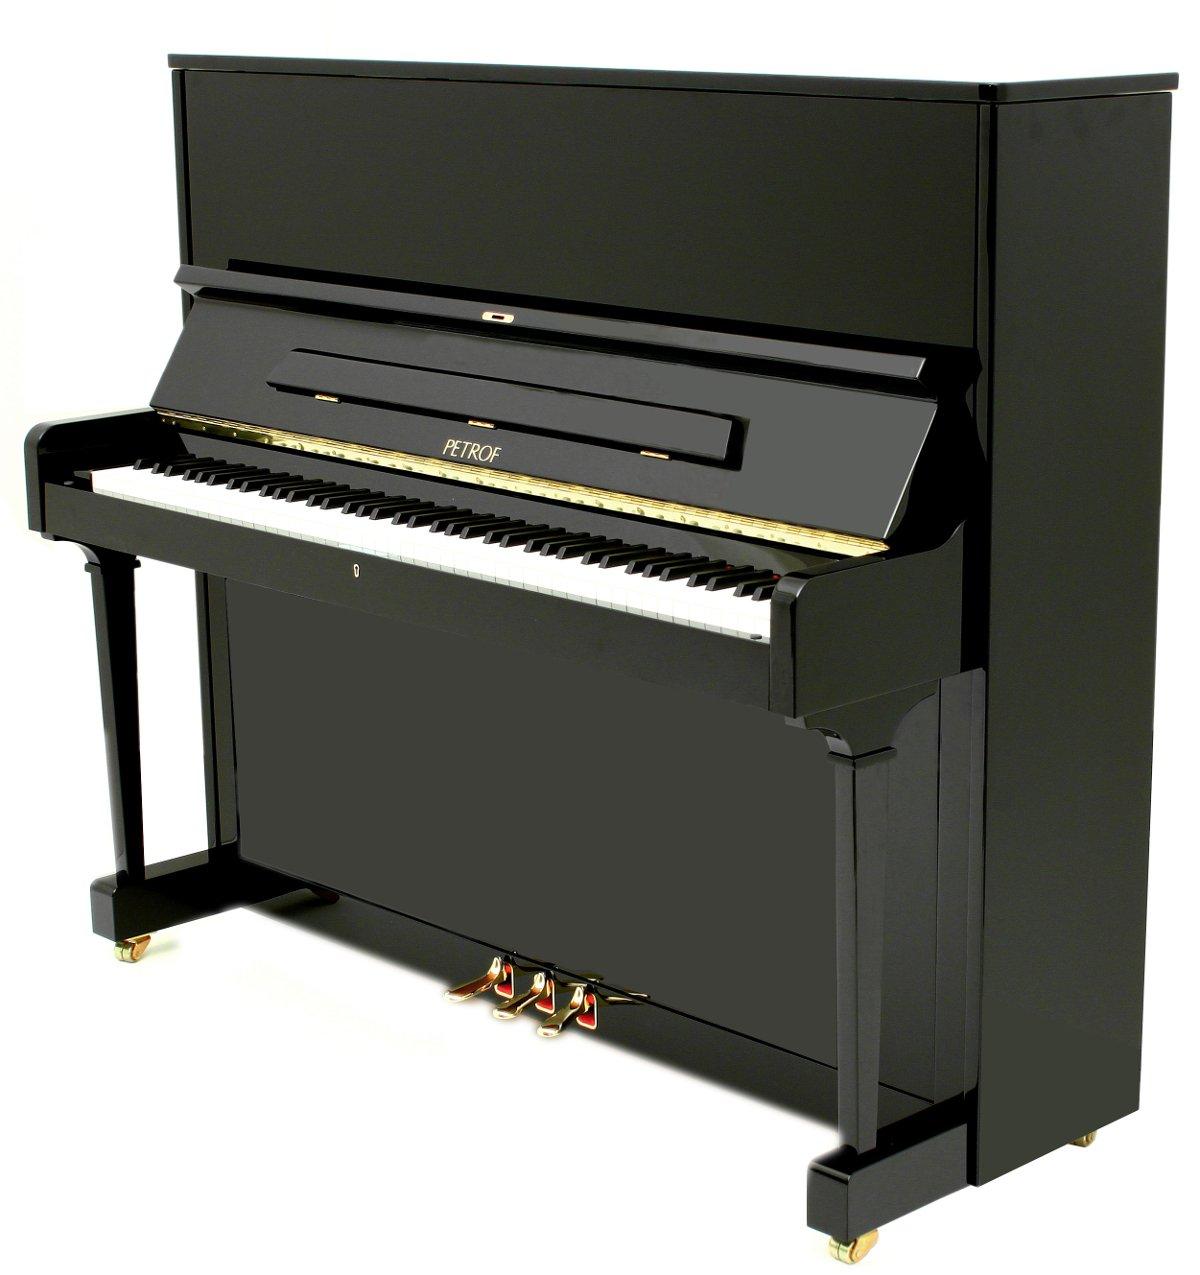 Piano Petrof P125 F1 Čierny lesk